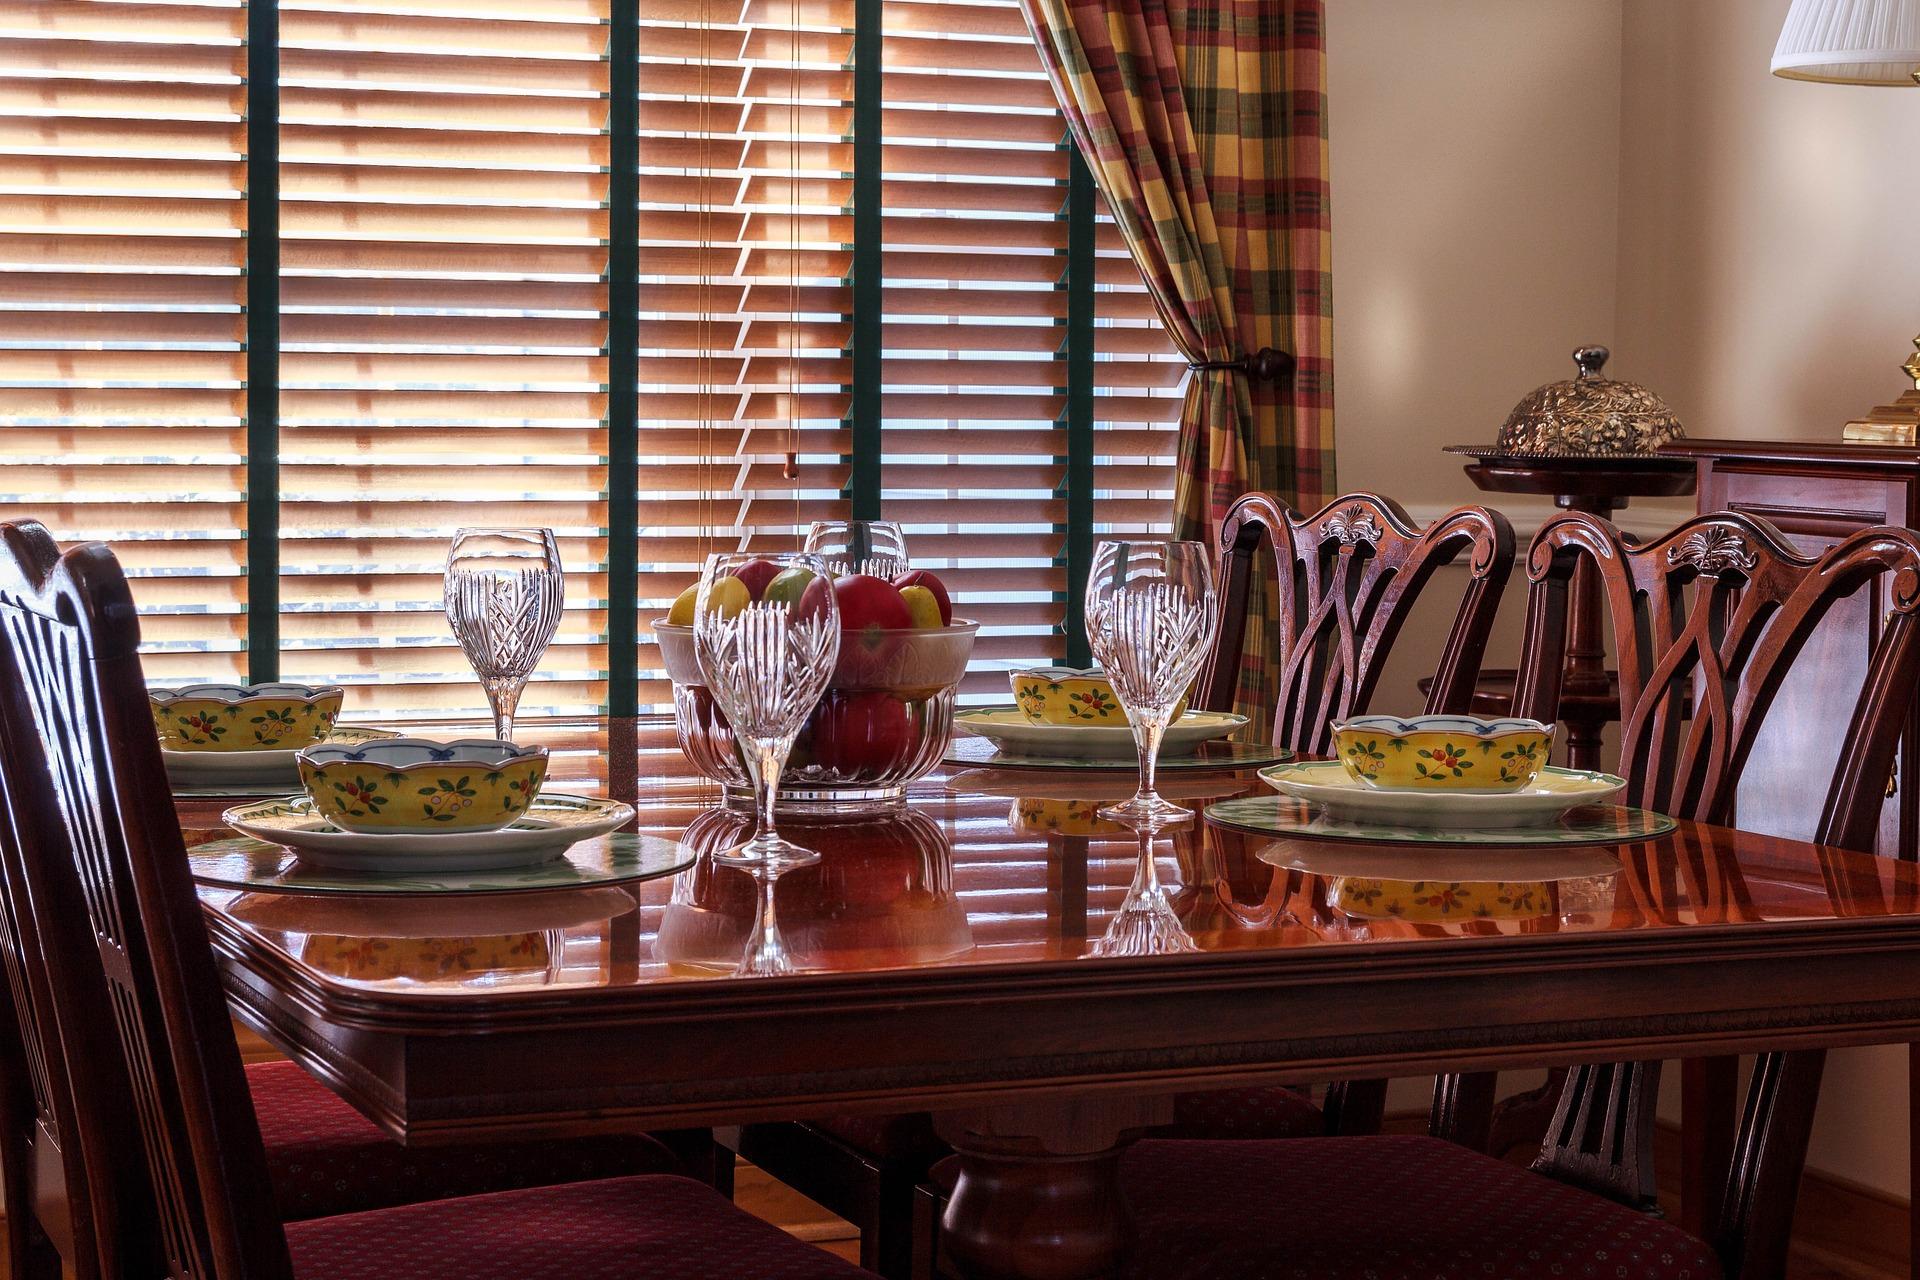 Jak wybrać odpowiednie rolety okienne i jakie są ich rodzaje?